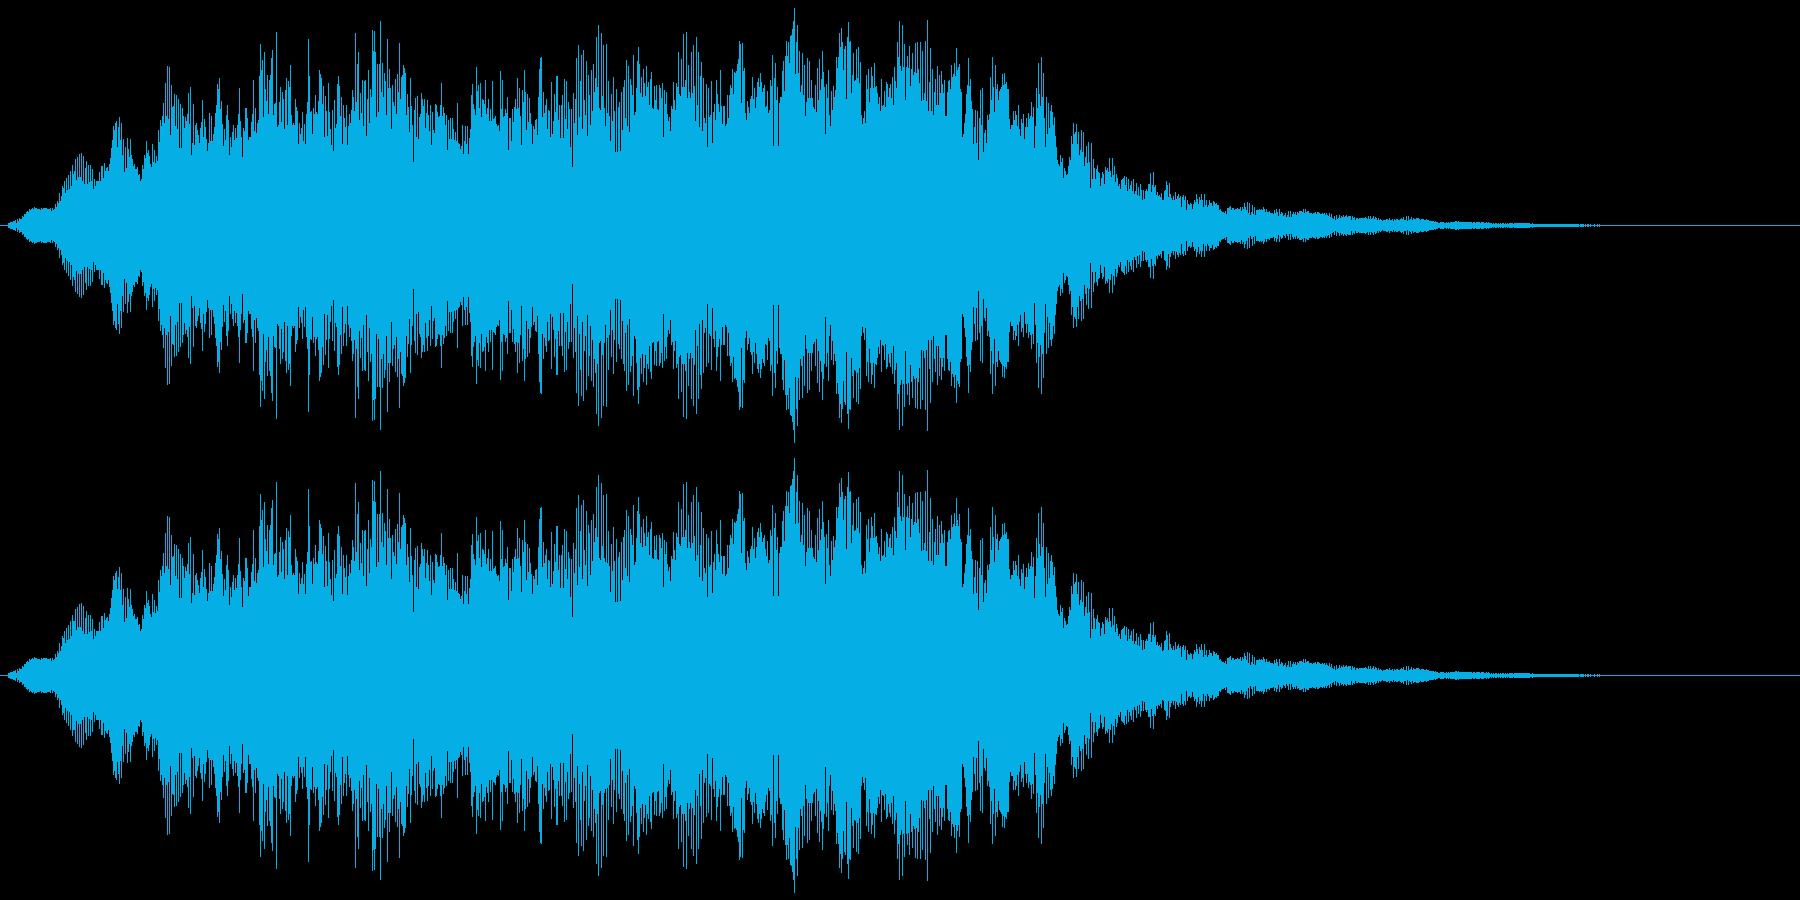 フィーイ~ンの再生済みの波形